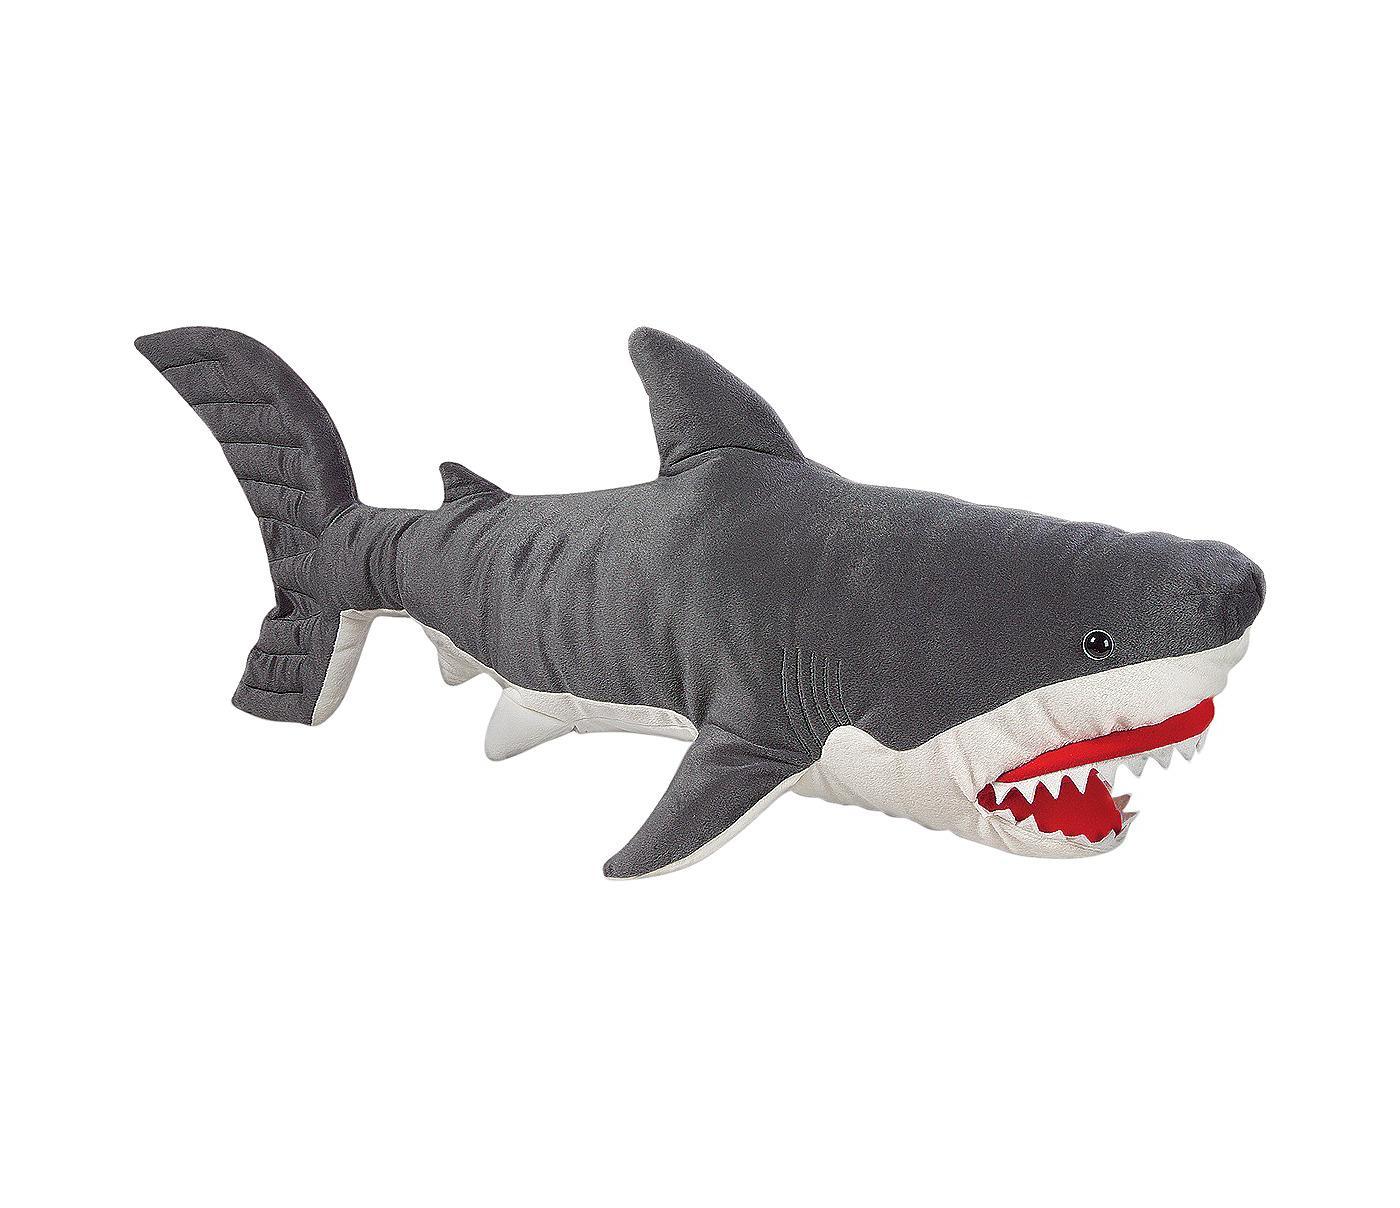 melissa and doug giant shark lifelike stuffed